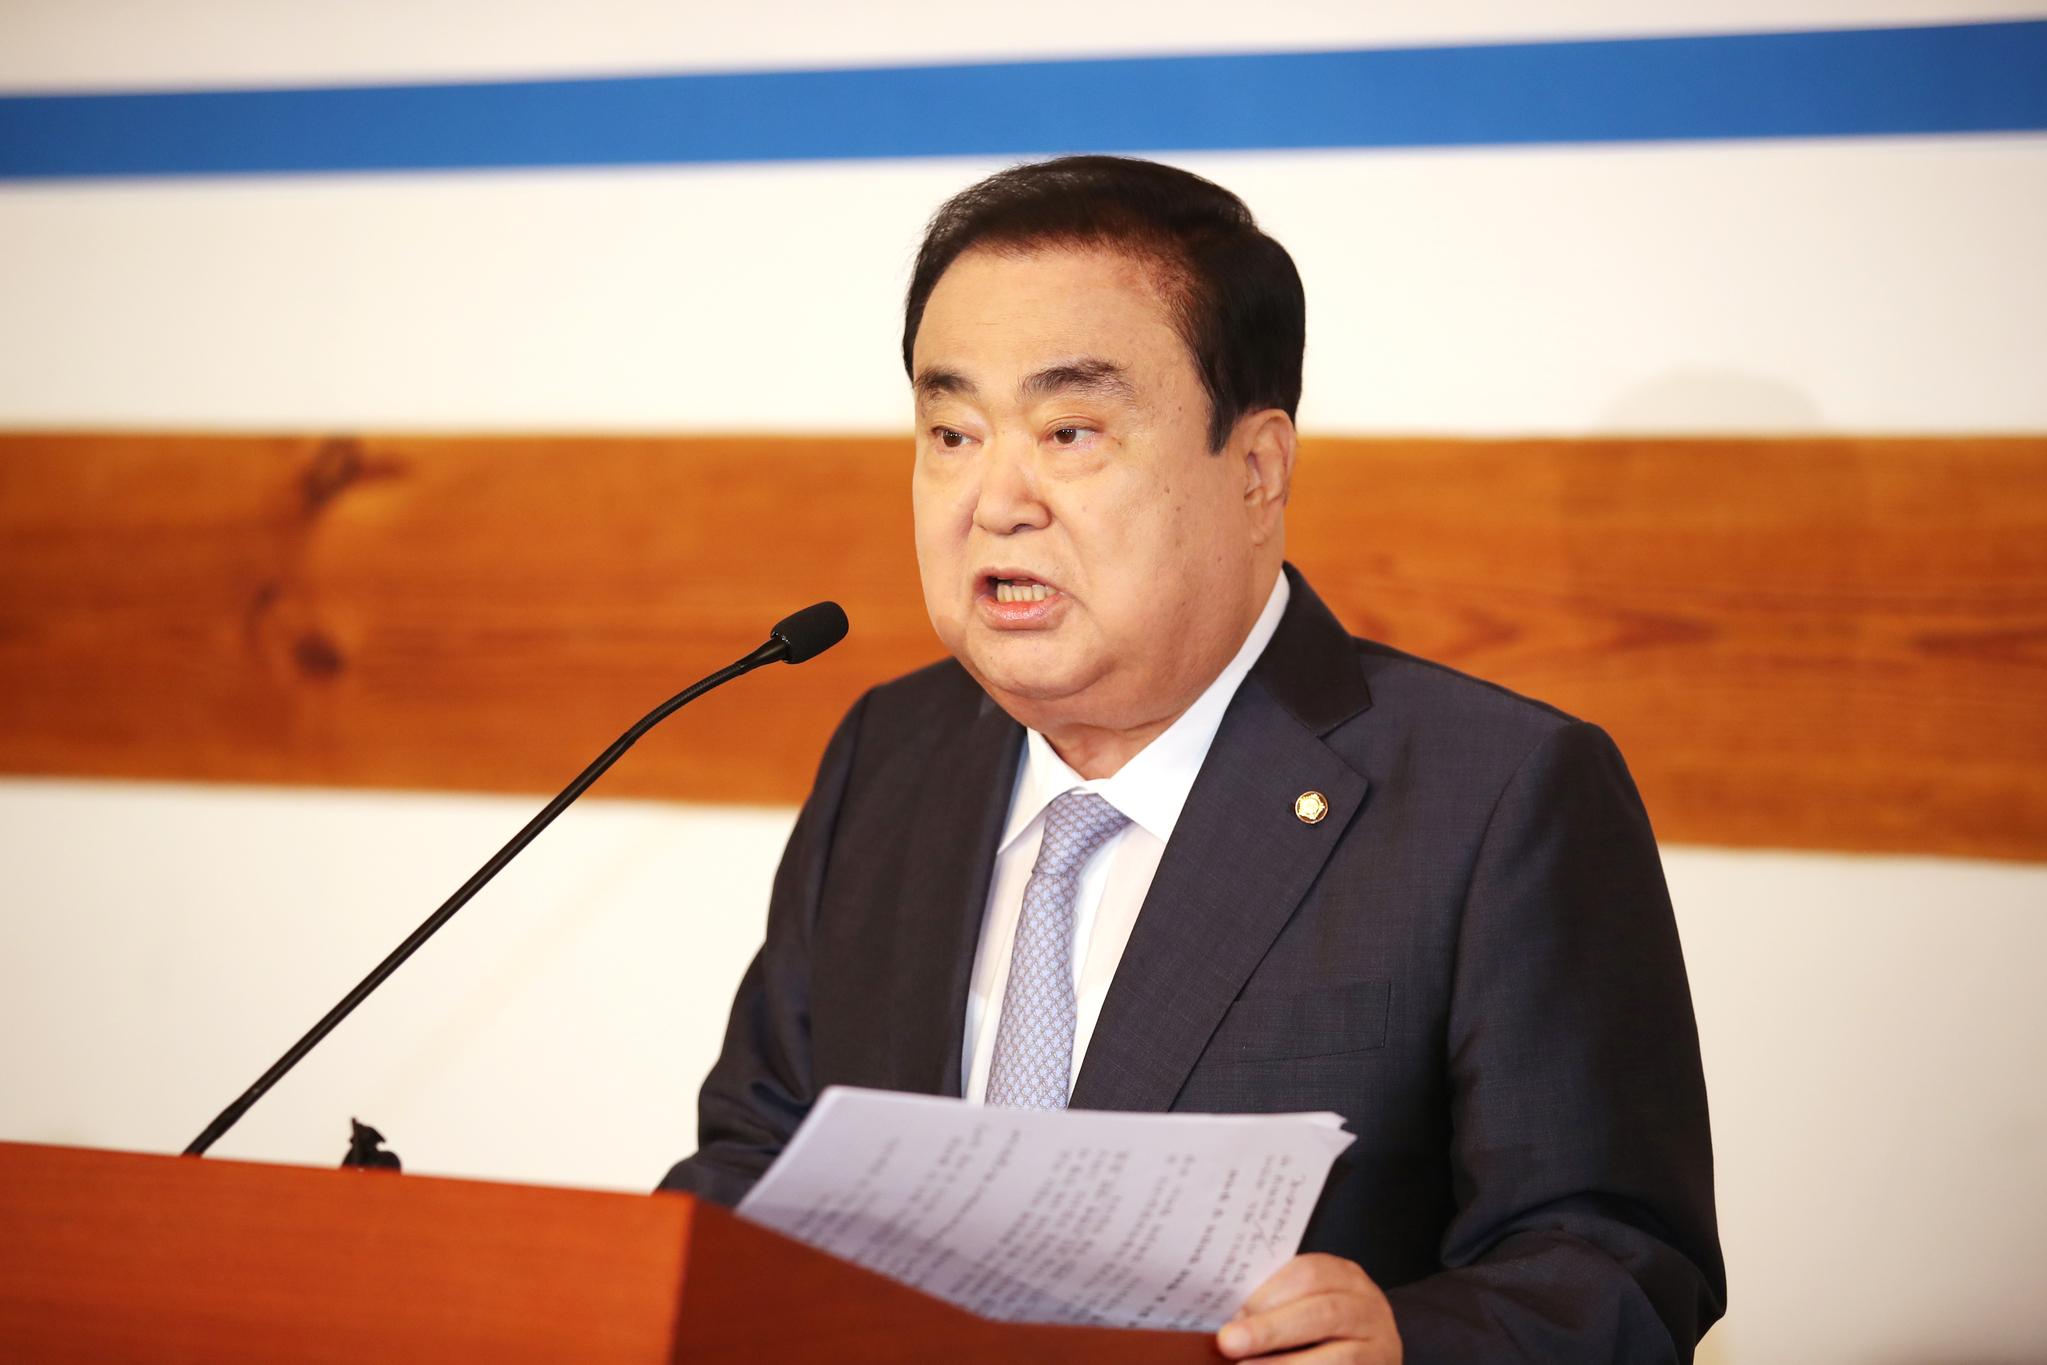 문희상 국회의장이 21일 오전 국회 사랑재에서 열린 퇴임 기자간담회에서 발언하고 있다. 연합뉴스